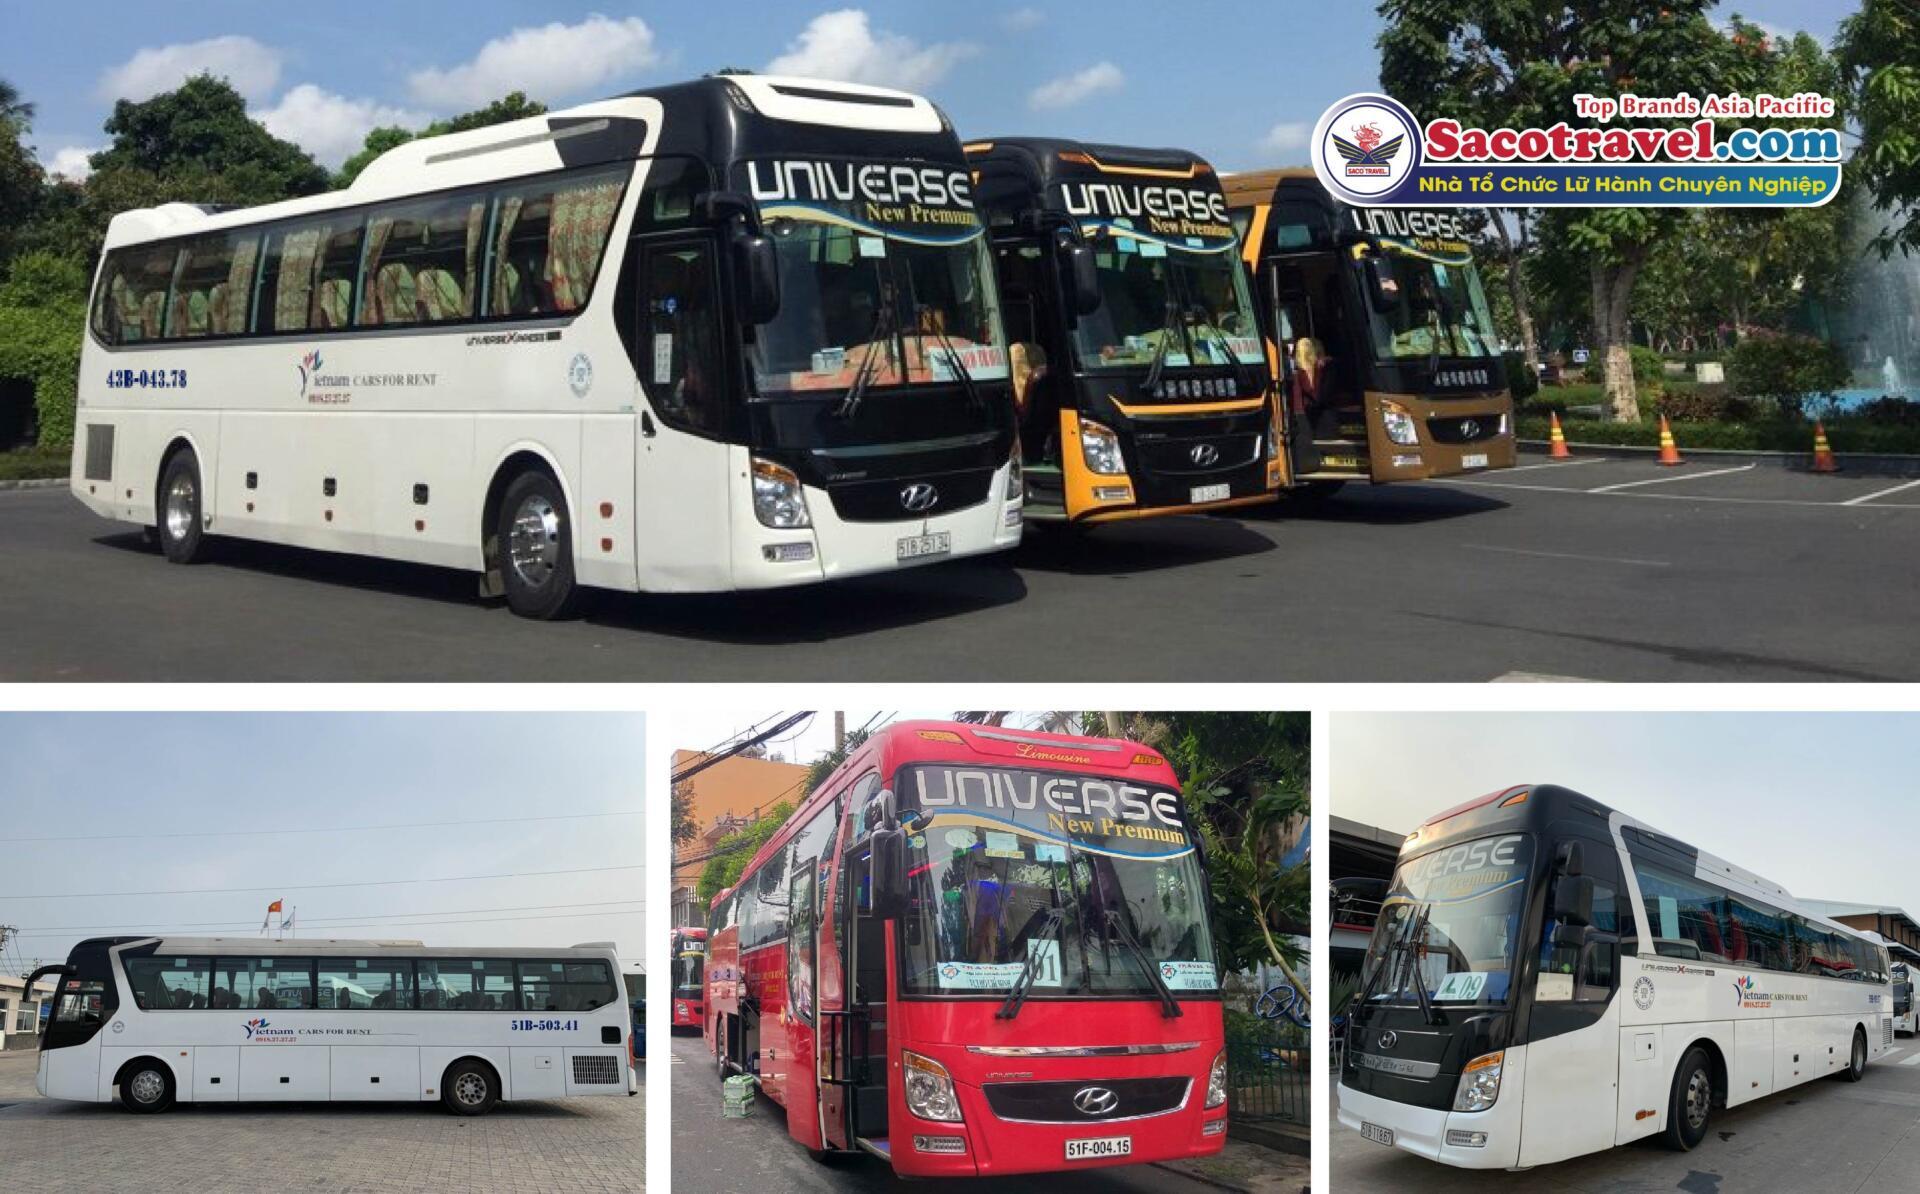 Saco Travel tăng cường chuyến xe 0 đồng